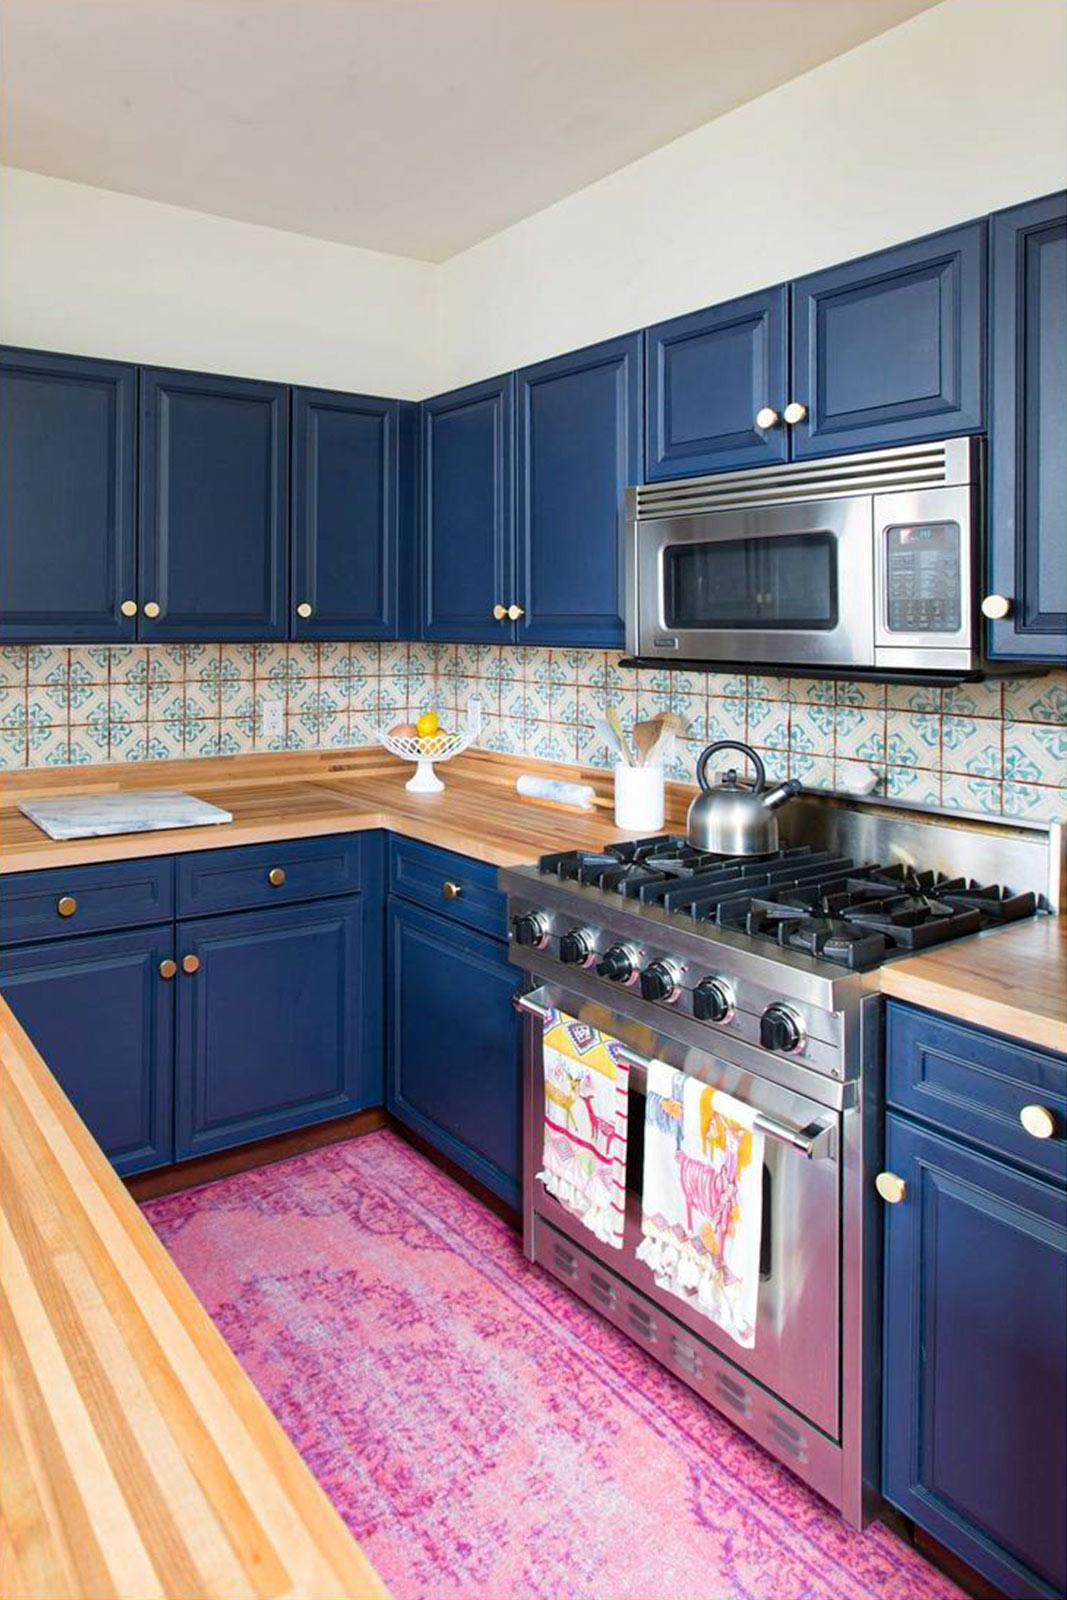 nội thất phòng bếp hiện đại